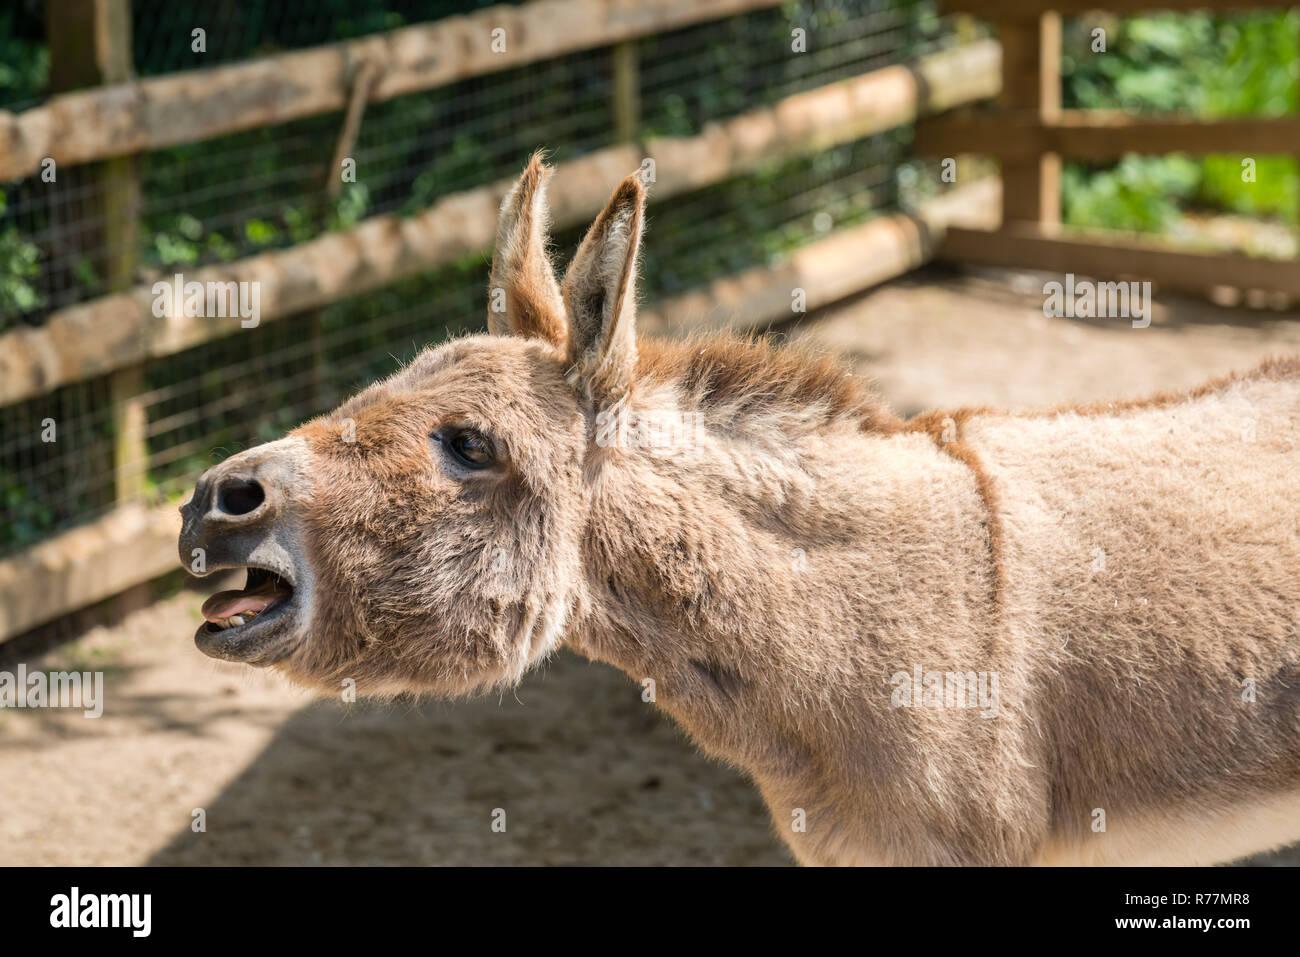 Large furry donkey shouting loudly Stock Photo